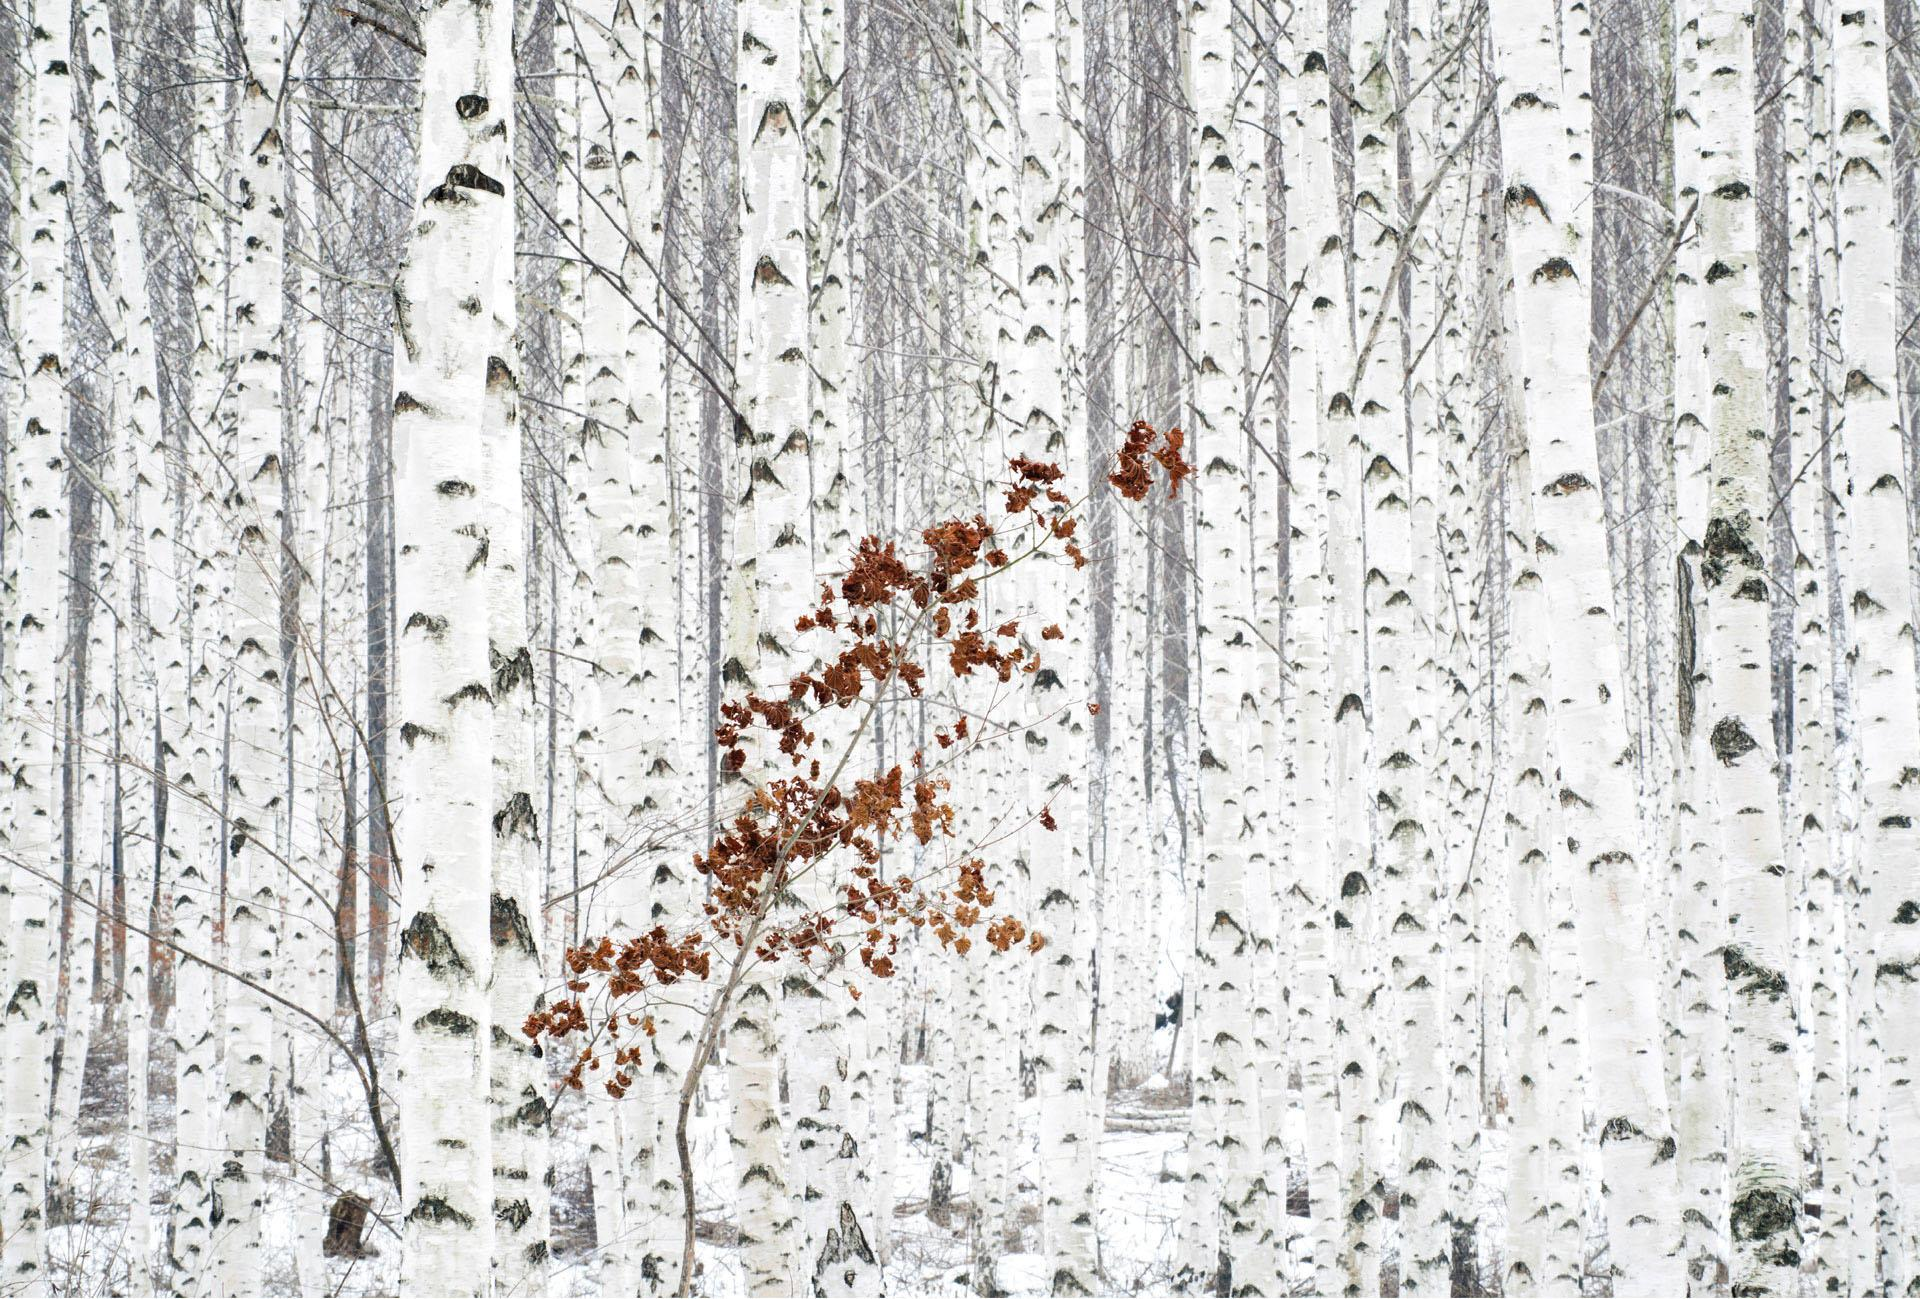 Vliestapete Han - Birkenwald Wohnen/Wohntextilien/Tapeten/Fototapeten/Fototapeten Natur